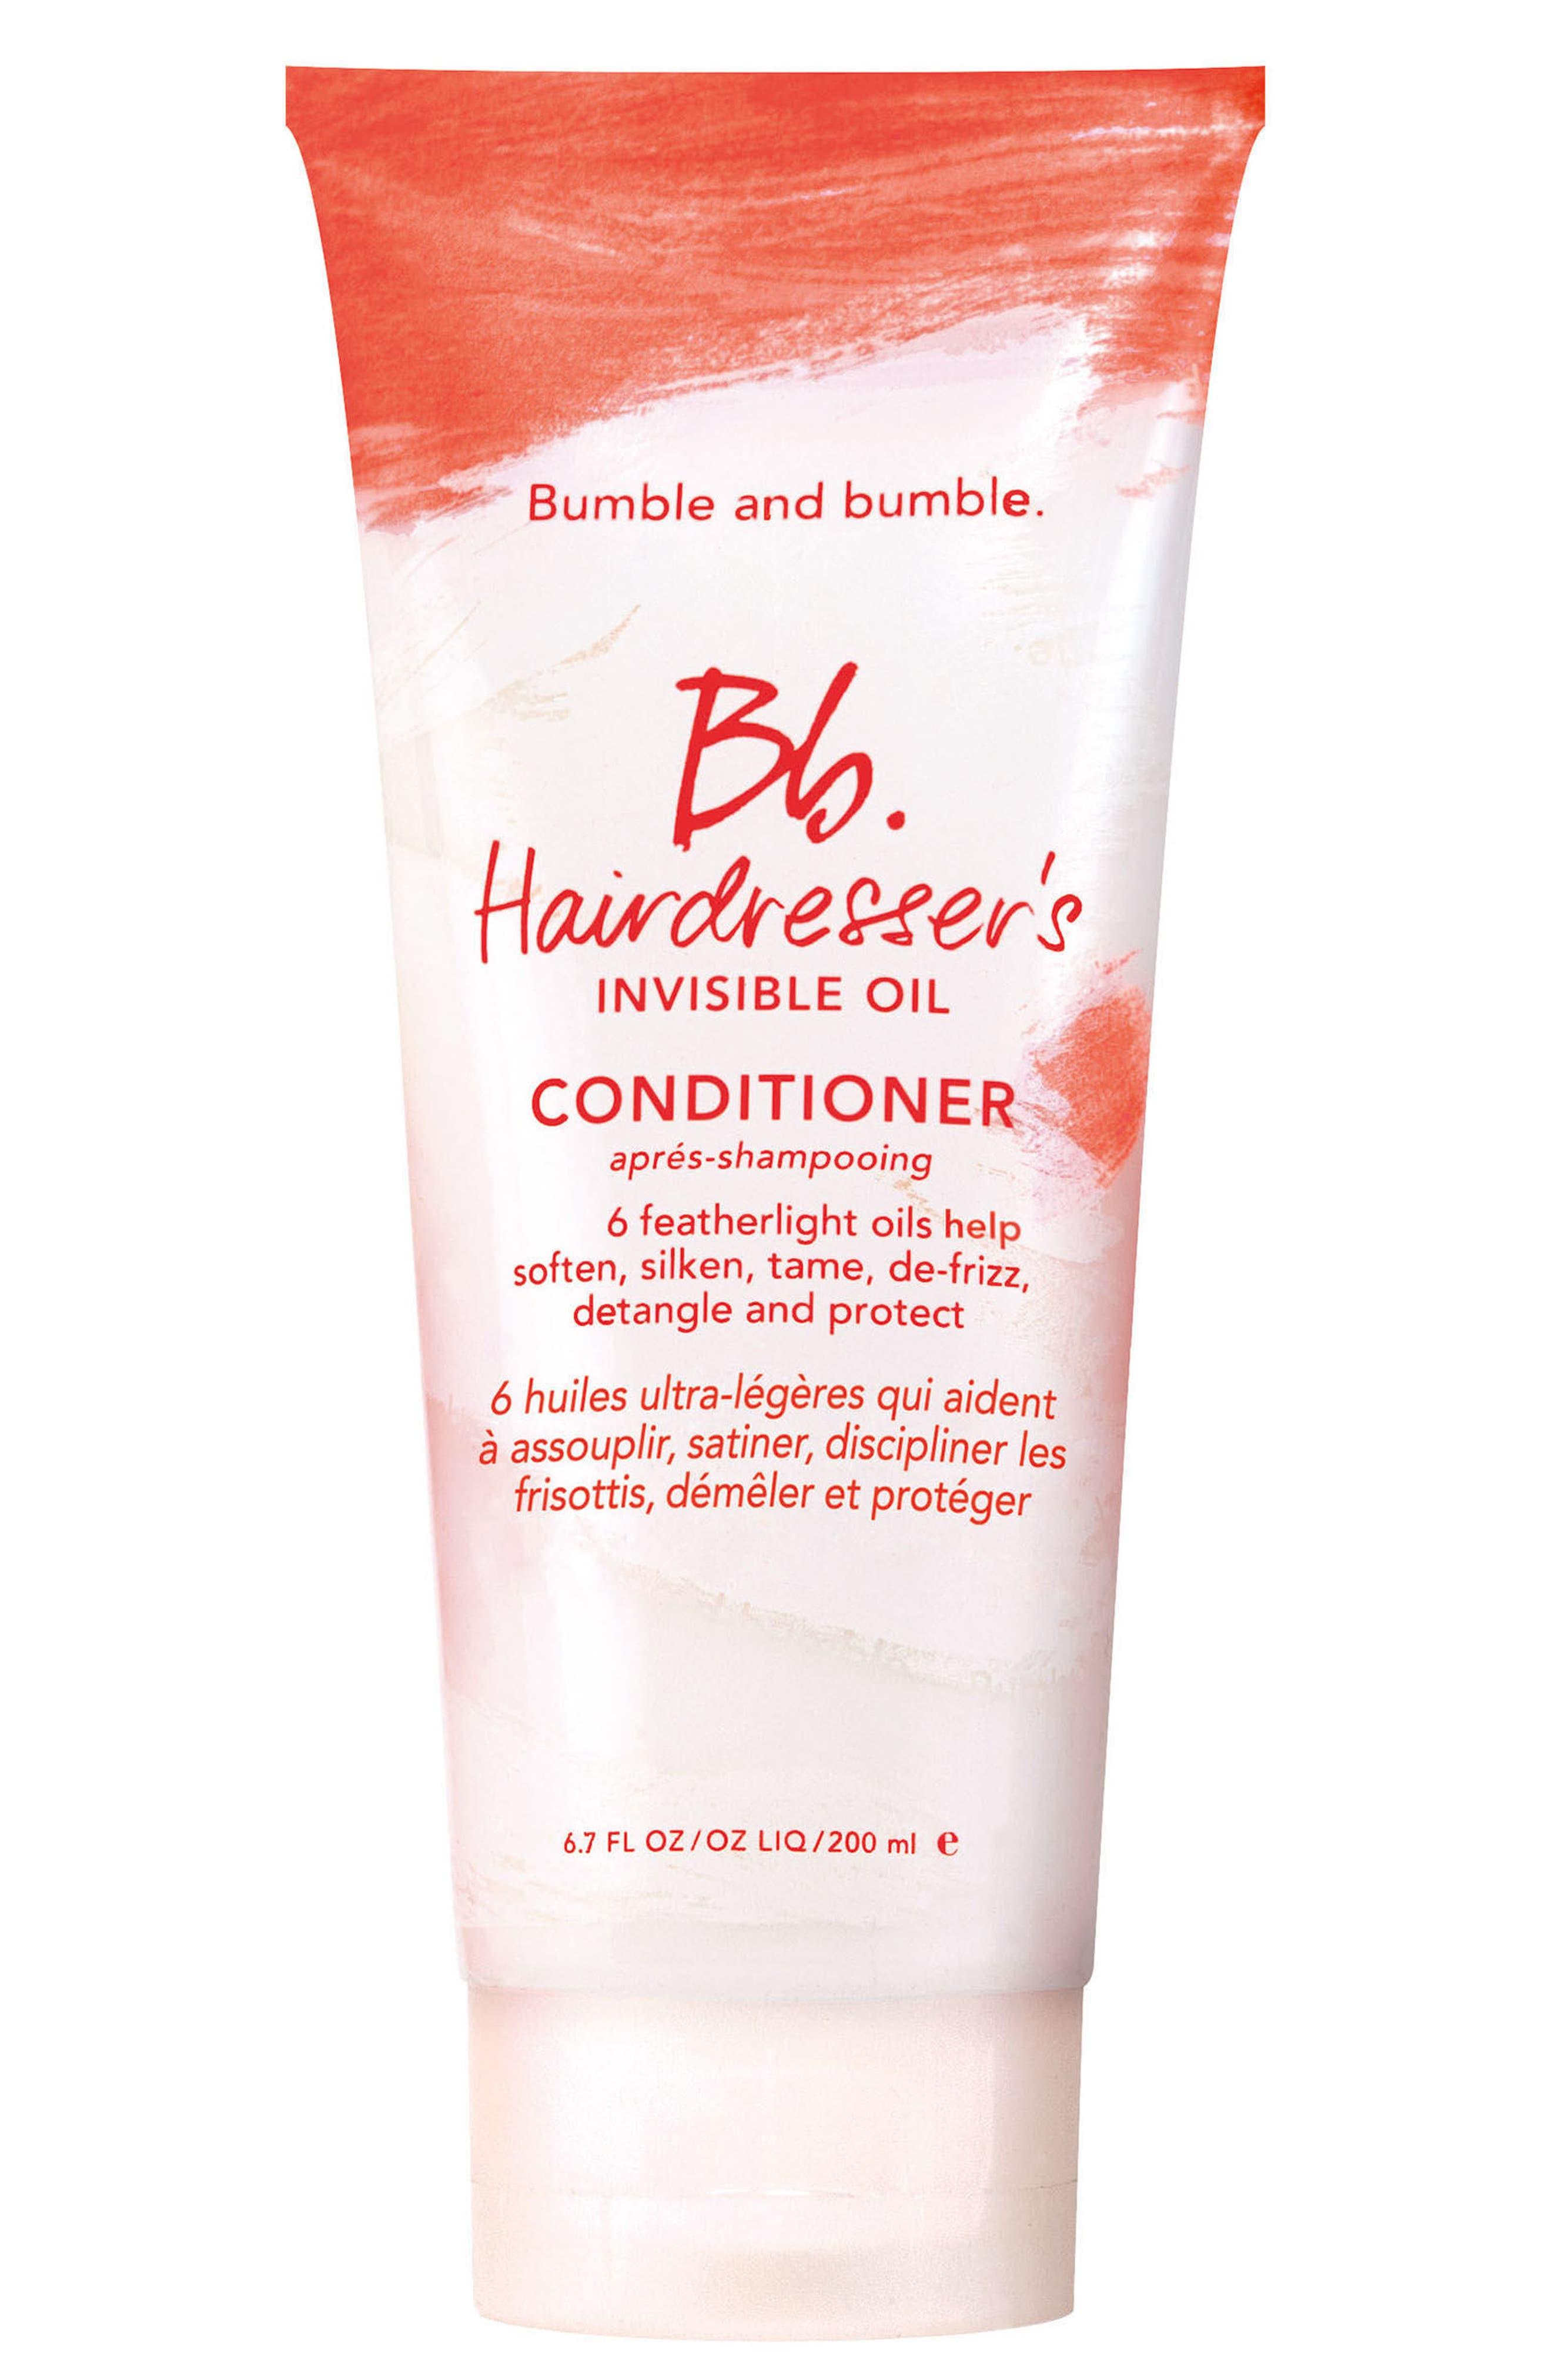 BUMBLE AND BUMBLE. Bumble and bumble Hairdresser's Invisible Oil Conditioner, Main, color, NO COLOR